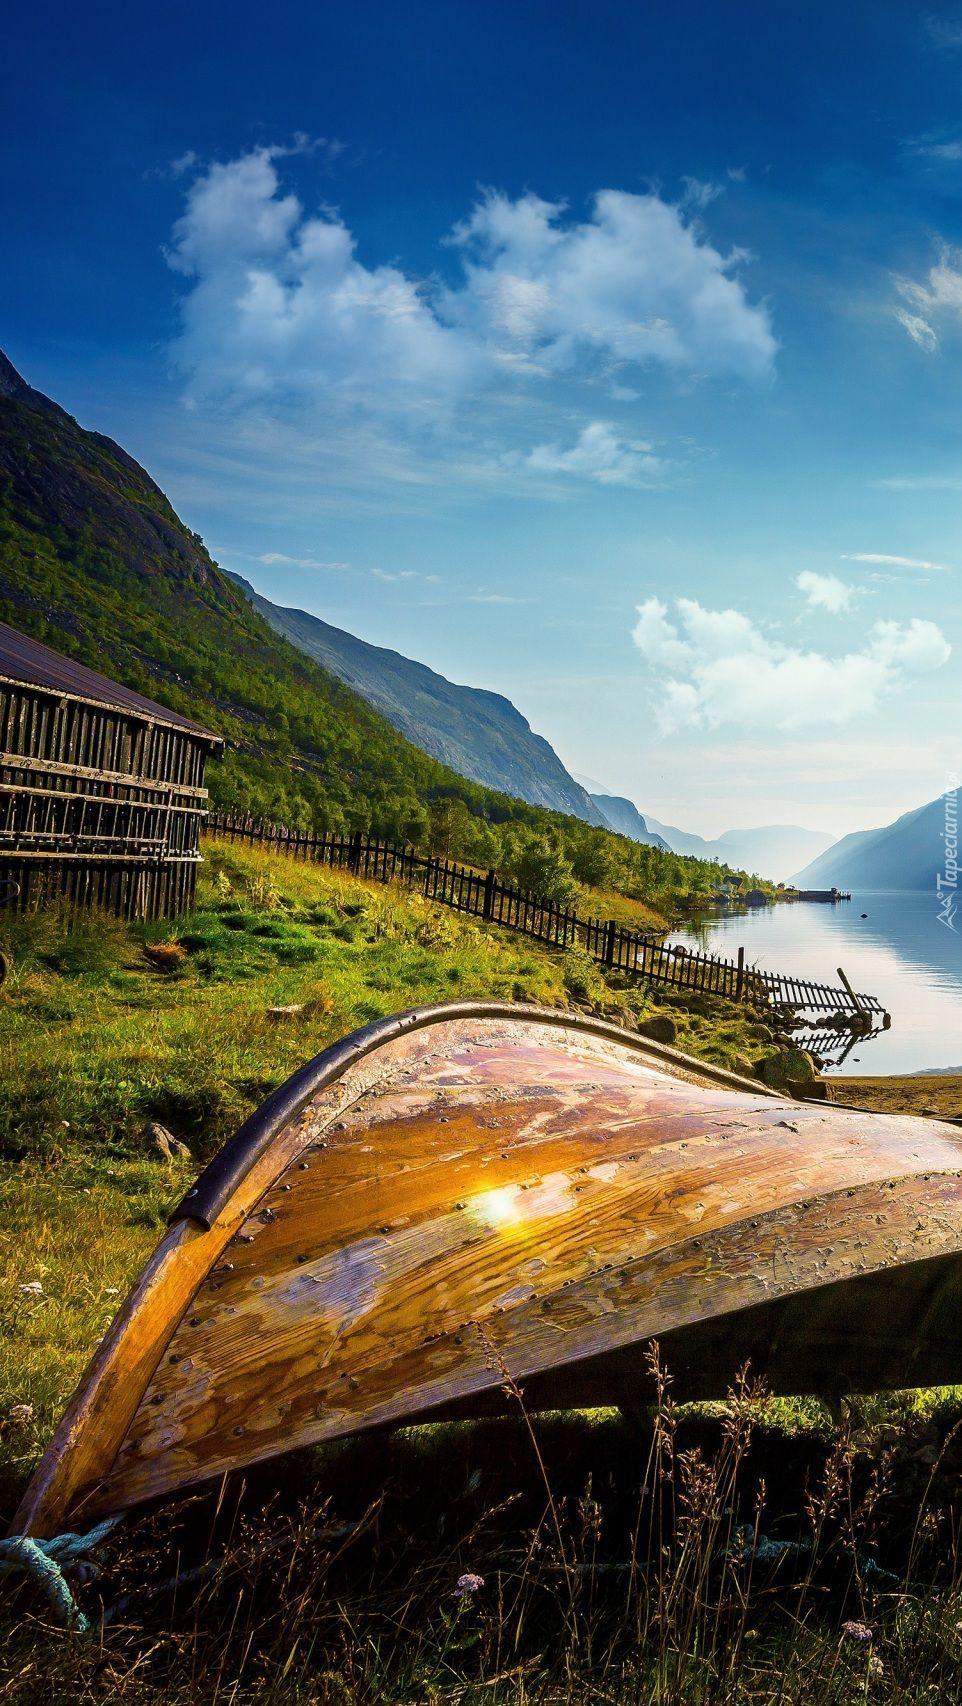 Łódka na brzegu norweskiego jeziora